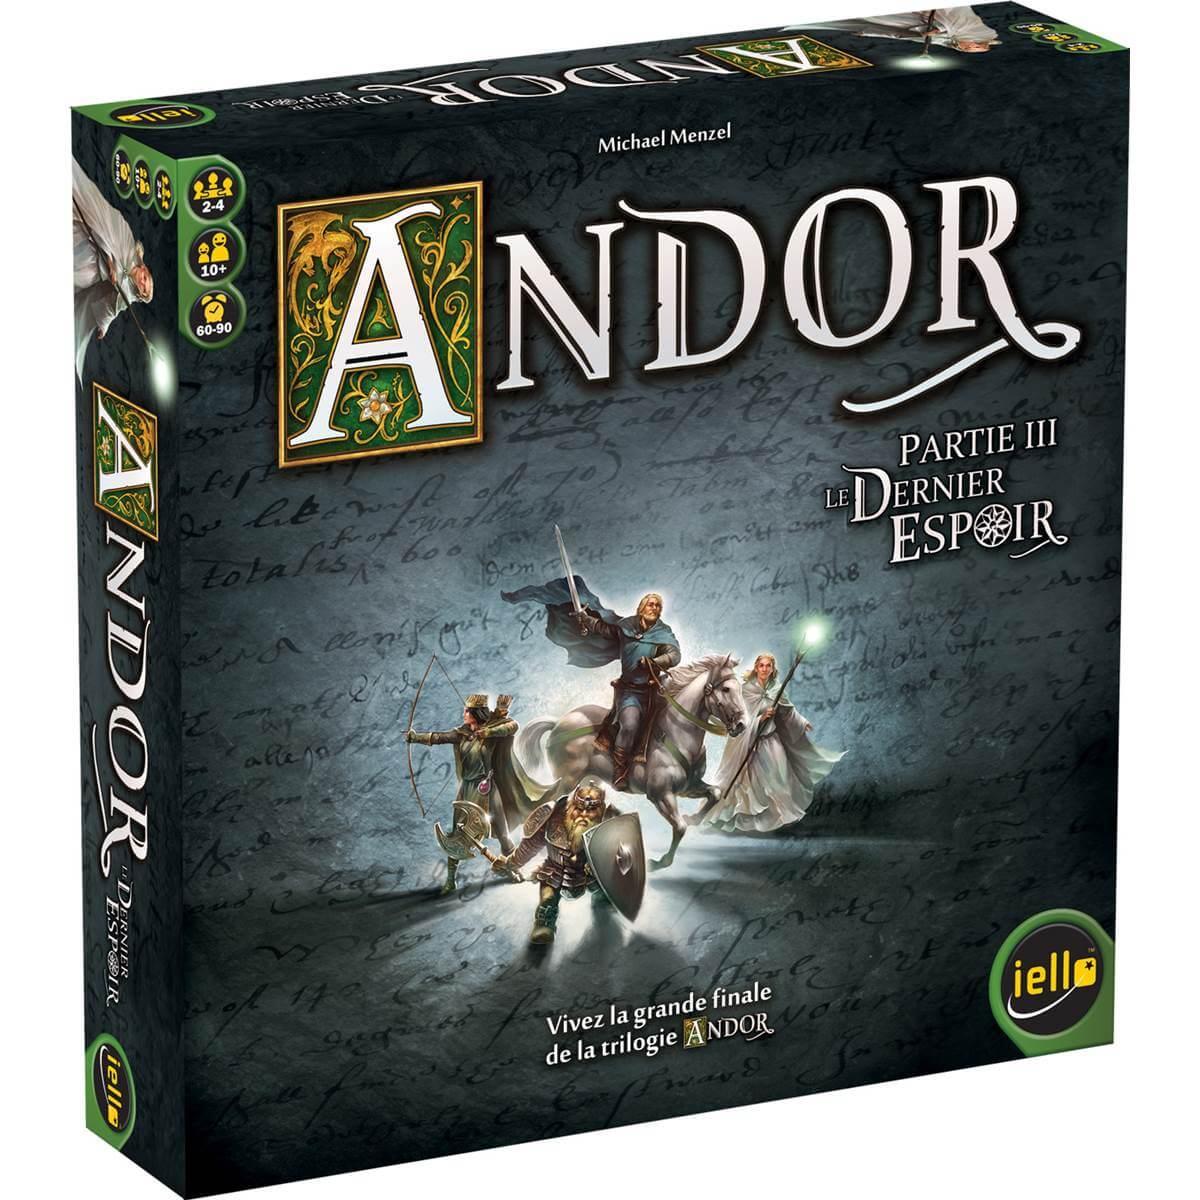 Andor-Le-Dernier-Espoir-jeu-cooperatif 2017